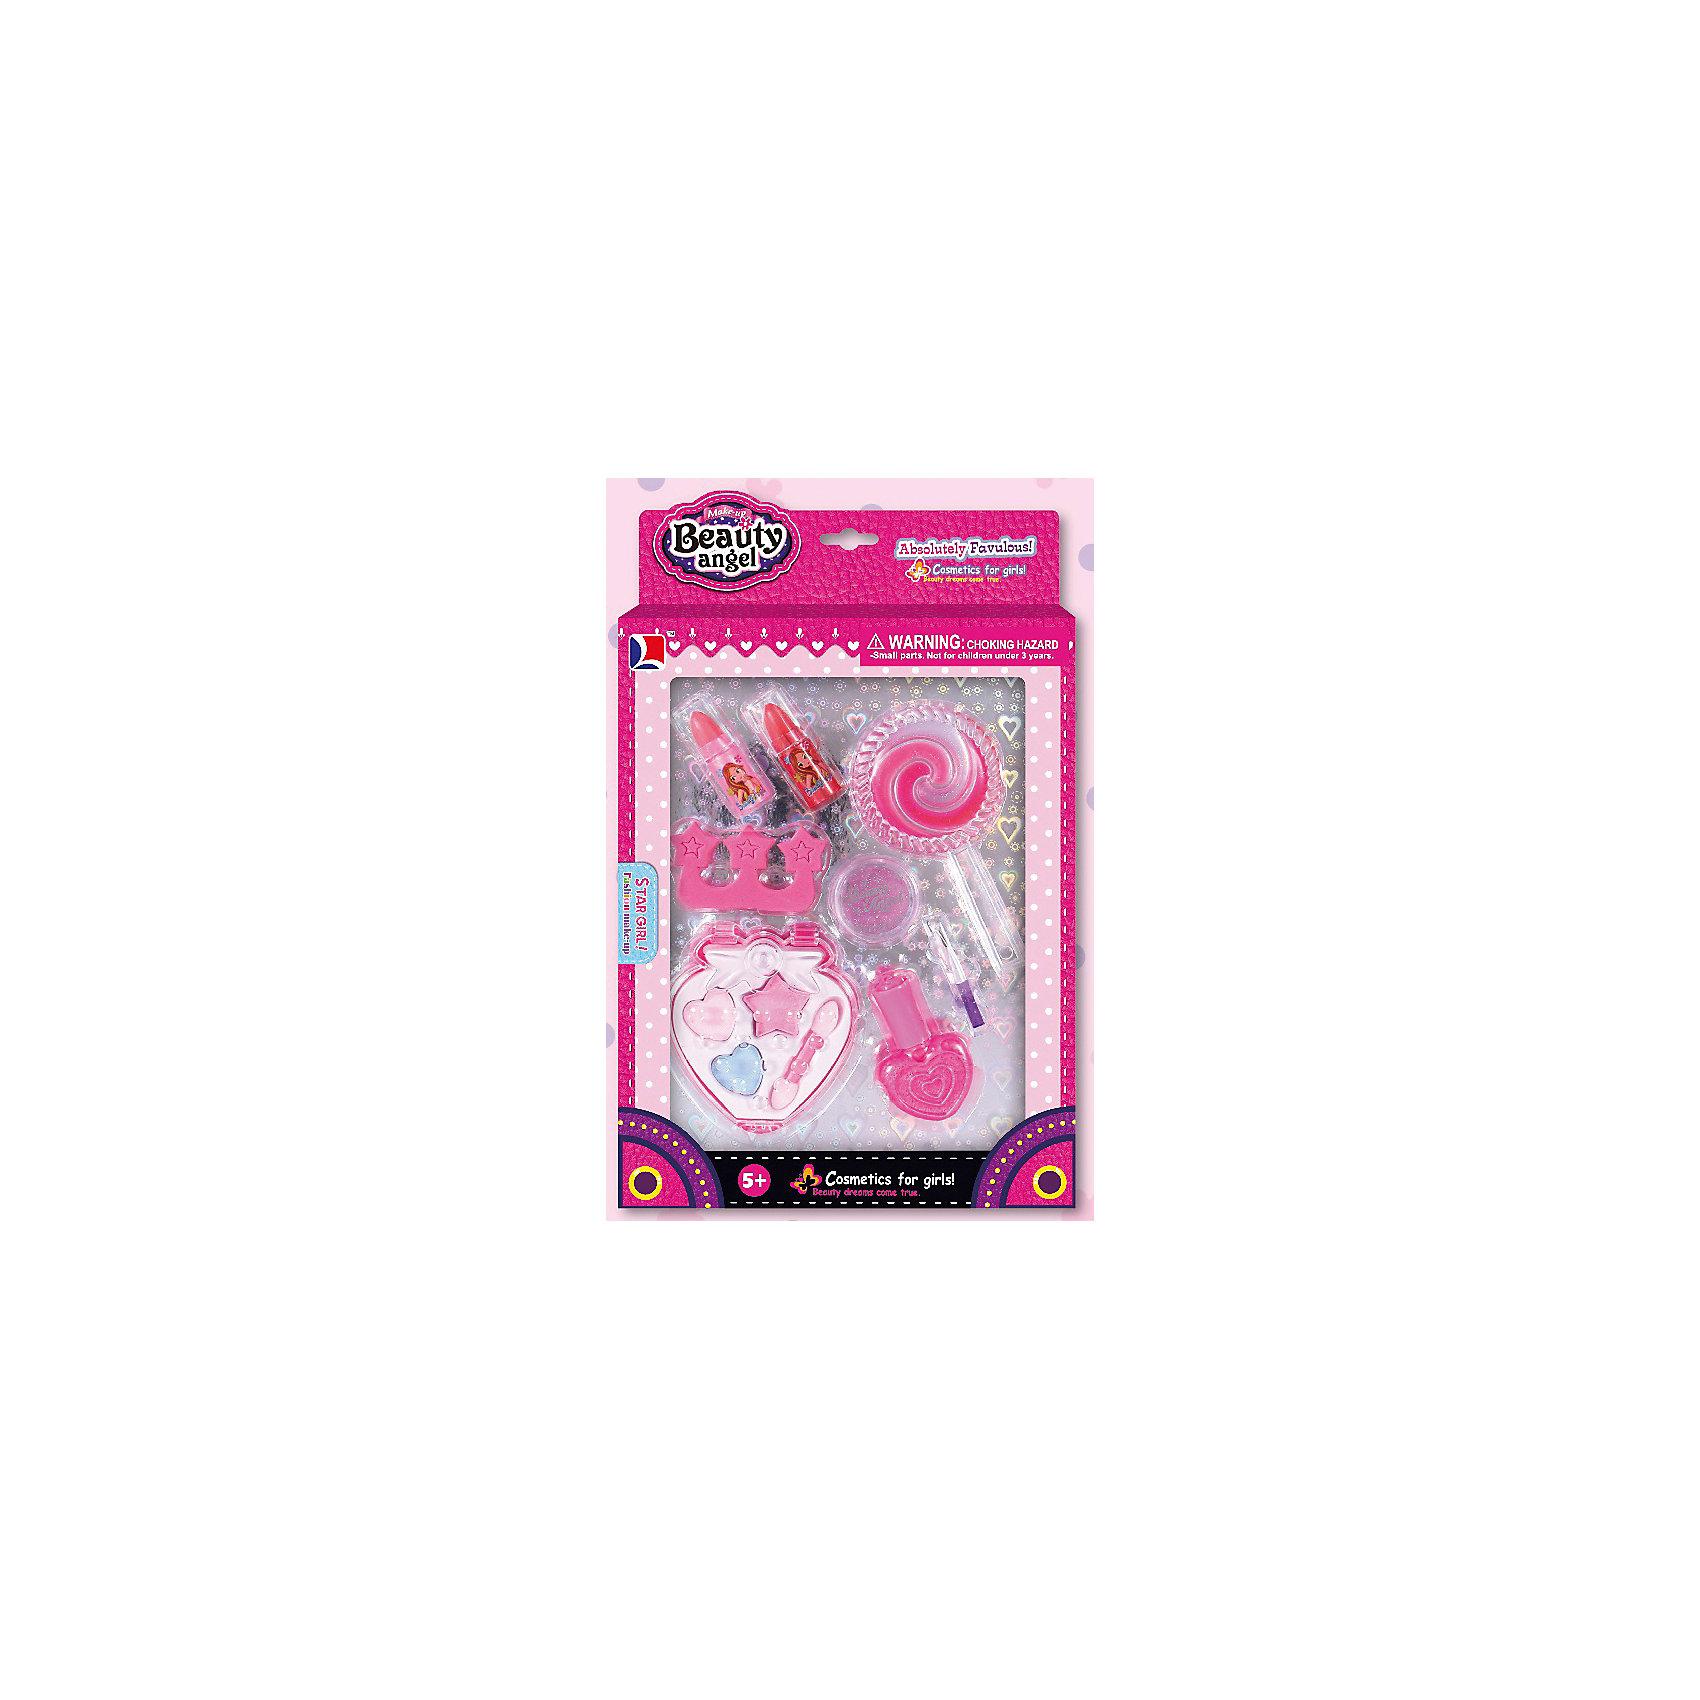 Игровой мини-набор Ягодный твистер, Beauty AngelКосметика, грим и парфюмерия<br>Характеристики:<br><br>• Вид игрушек: детская косметика<br>• Пол: для девочки<br>• Материал: пластик, натуральные компоненты и красители<br>• Цвет: оттенки розового, сиреневый<br>• Комплектация:<br> тени для век – 3 тона<br> блеск для губ – 1 тон<br> губная помада – 1 тона<br> гель с блестками – 1 шт.<br> сепаратор для ногтей – 1 шт.<br> кисточка – 1 шт.<br>• Форма футляра: круглый леденец, клубничка<br>• Размер упаковки (Д*Ш*В): 14*2,5*19,8 см<br>• Вес: 138 г<br>• Упаковка: картонная коробка с блистером<br><br>Игровой мини-набор Ягодный твистер, Beauty Angel от всемирно известного торгового бренда Dileny, который занимается разработкой, дизайном и выпуском детской декоративной косметики с учетом модных и стильных тенденций мира моды. Линейка наборов Beauty Angel представляет собой косметические наборы в состав которых входят как матовые, так и перламутровые оттенки, аксессуары и инструменты для нанесения макияжа. <br><br>Декоративная косметика от Dileny легко наносится, ложится ровным слоем, не осыпается и легко смывается либо теплой водой, либо детским косметическим маслом. Косметика обладает повышенными гипоаллергенными свойствами и легким ароматом. Игровой мини-набор Ягодный твистер, Beauty Angel состоит из блеска для губ, губной помады и теней для век для ногтей. В комплекте предусмотрены гель с блесками, кисточка и сепаратор (разделитель) для ногтей. Футляр для теней выполнен в форме клубнички, для блеска – в форме круглого леденца.<br><br>Игровой мини-набор Ягодный твистер, Beauty Angel станет идеальным подарком для девочки к любому празднику.<br><br>Игровой мини-набор Ягодный твистер, Beauty Angel можно купить в нашем интернет-магазине.<br><br>Ширина мм: 157<br>Глубина мм: 25<br>Высота мм: 259<br>Вес г: 138<br>Возраст от месяцев: 60<br>Возраст до месяцев: 120<br>Пол: Женский<br>Возраст: Детский<br>SKU: 5418974